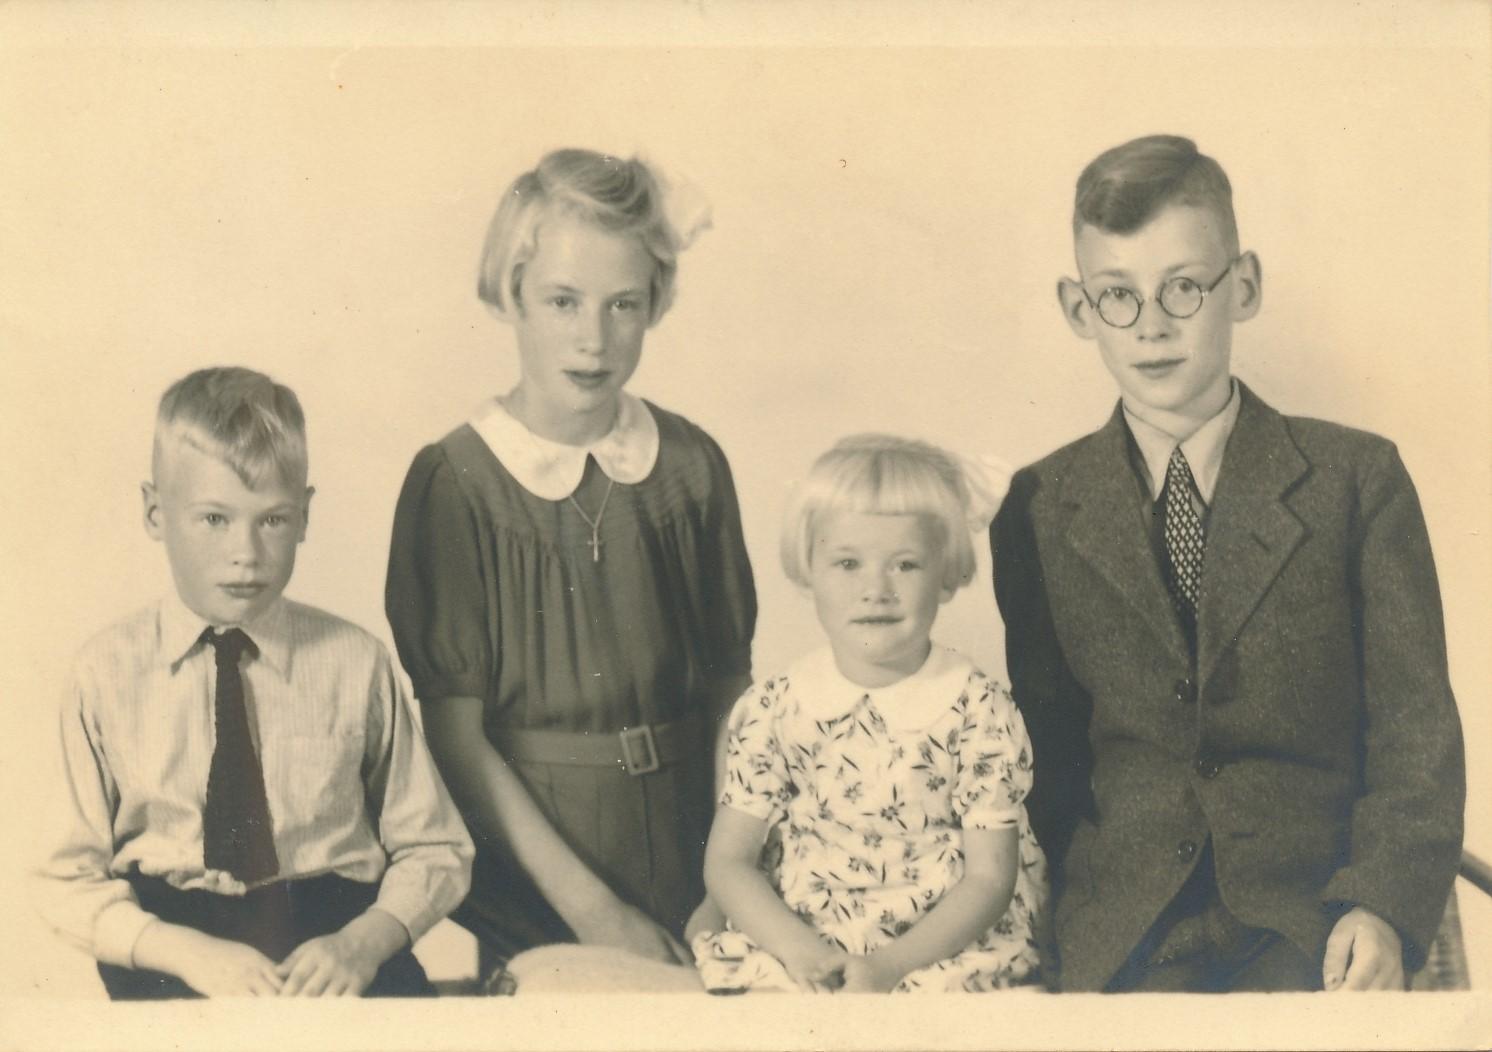 Fotoalbum Andre Kamsma, 037, Ter gelegenheid fan plechtige Kommunie fan Julia en Andre Kamsma, jierren 40, Lauw en Rjimke stean ek op de foto